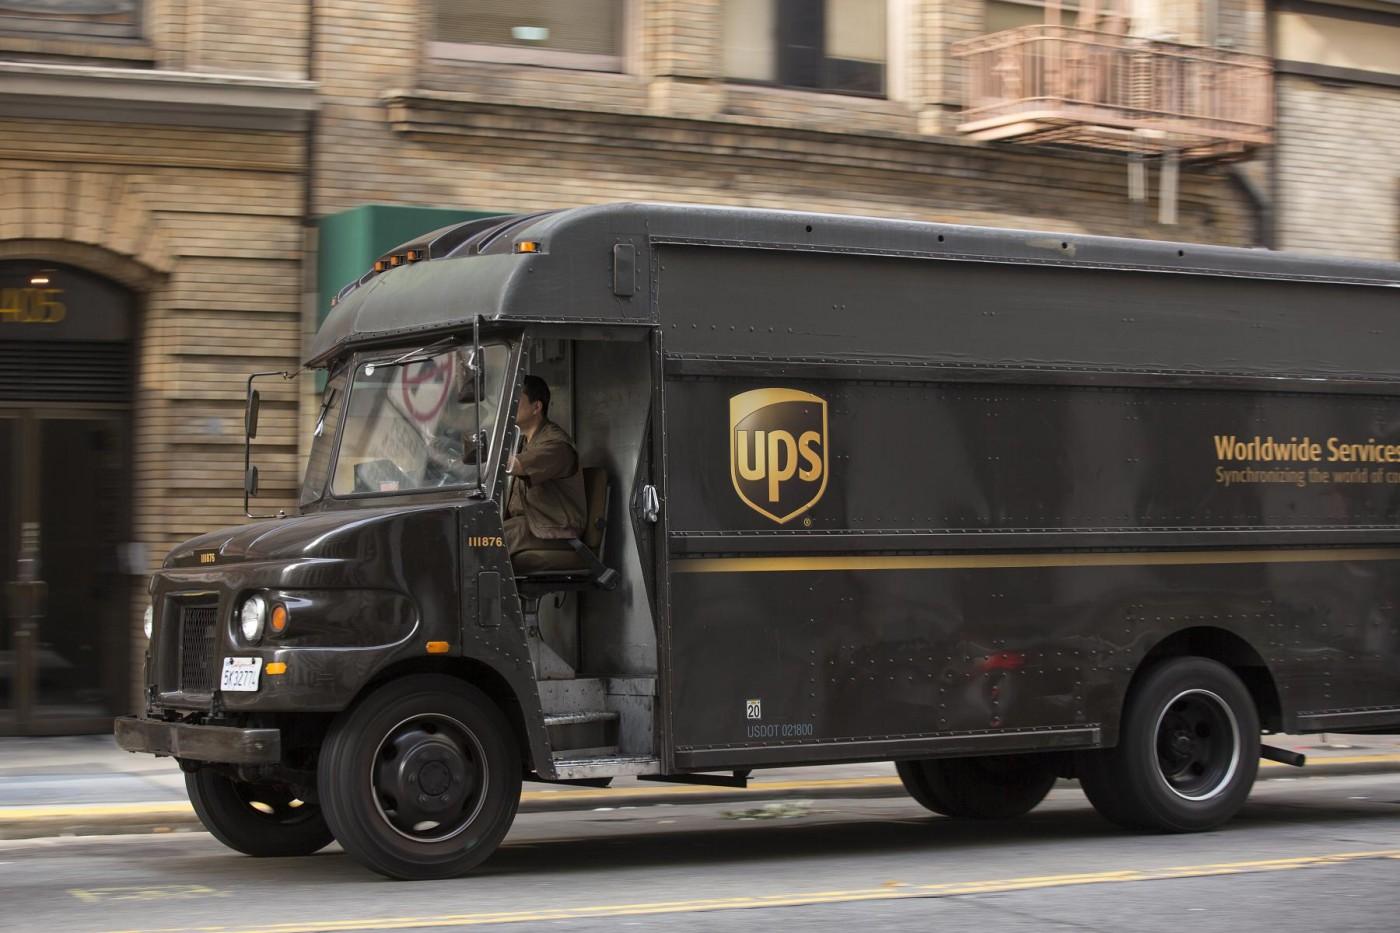 這家貨運公司,規定司機載貨「不要左轉」!為什麼? - 華安 - ceo.lin的博客